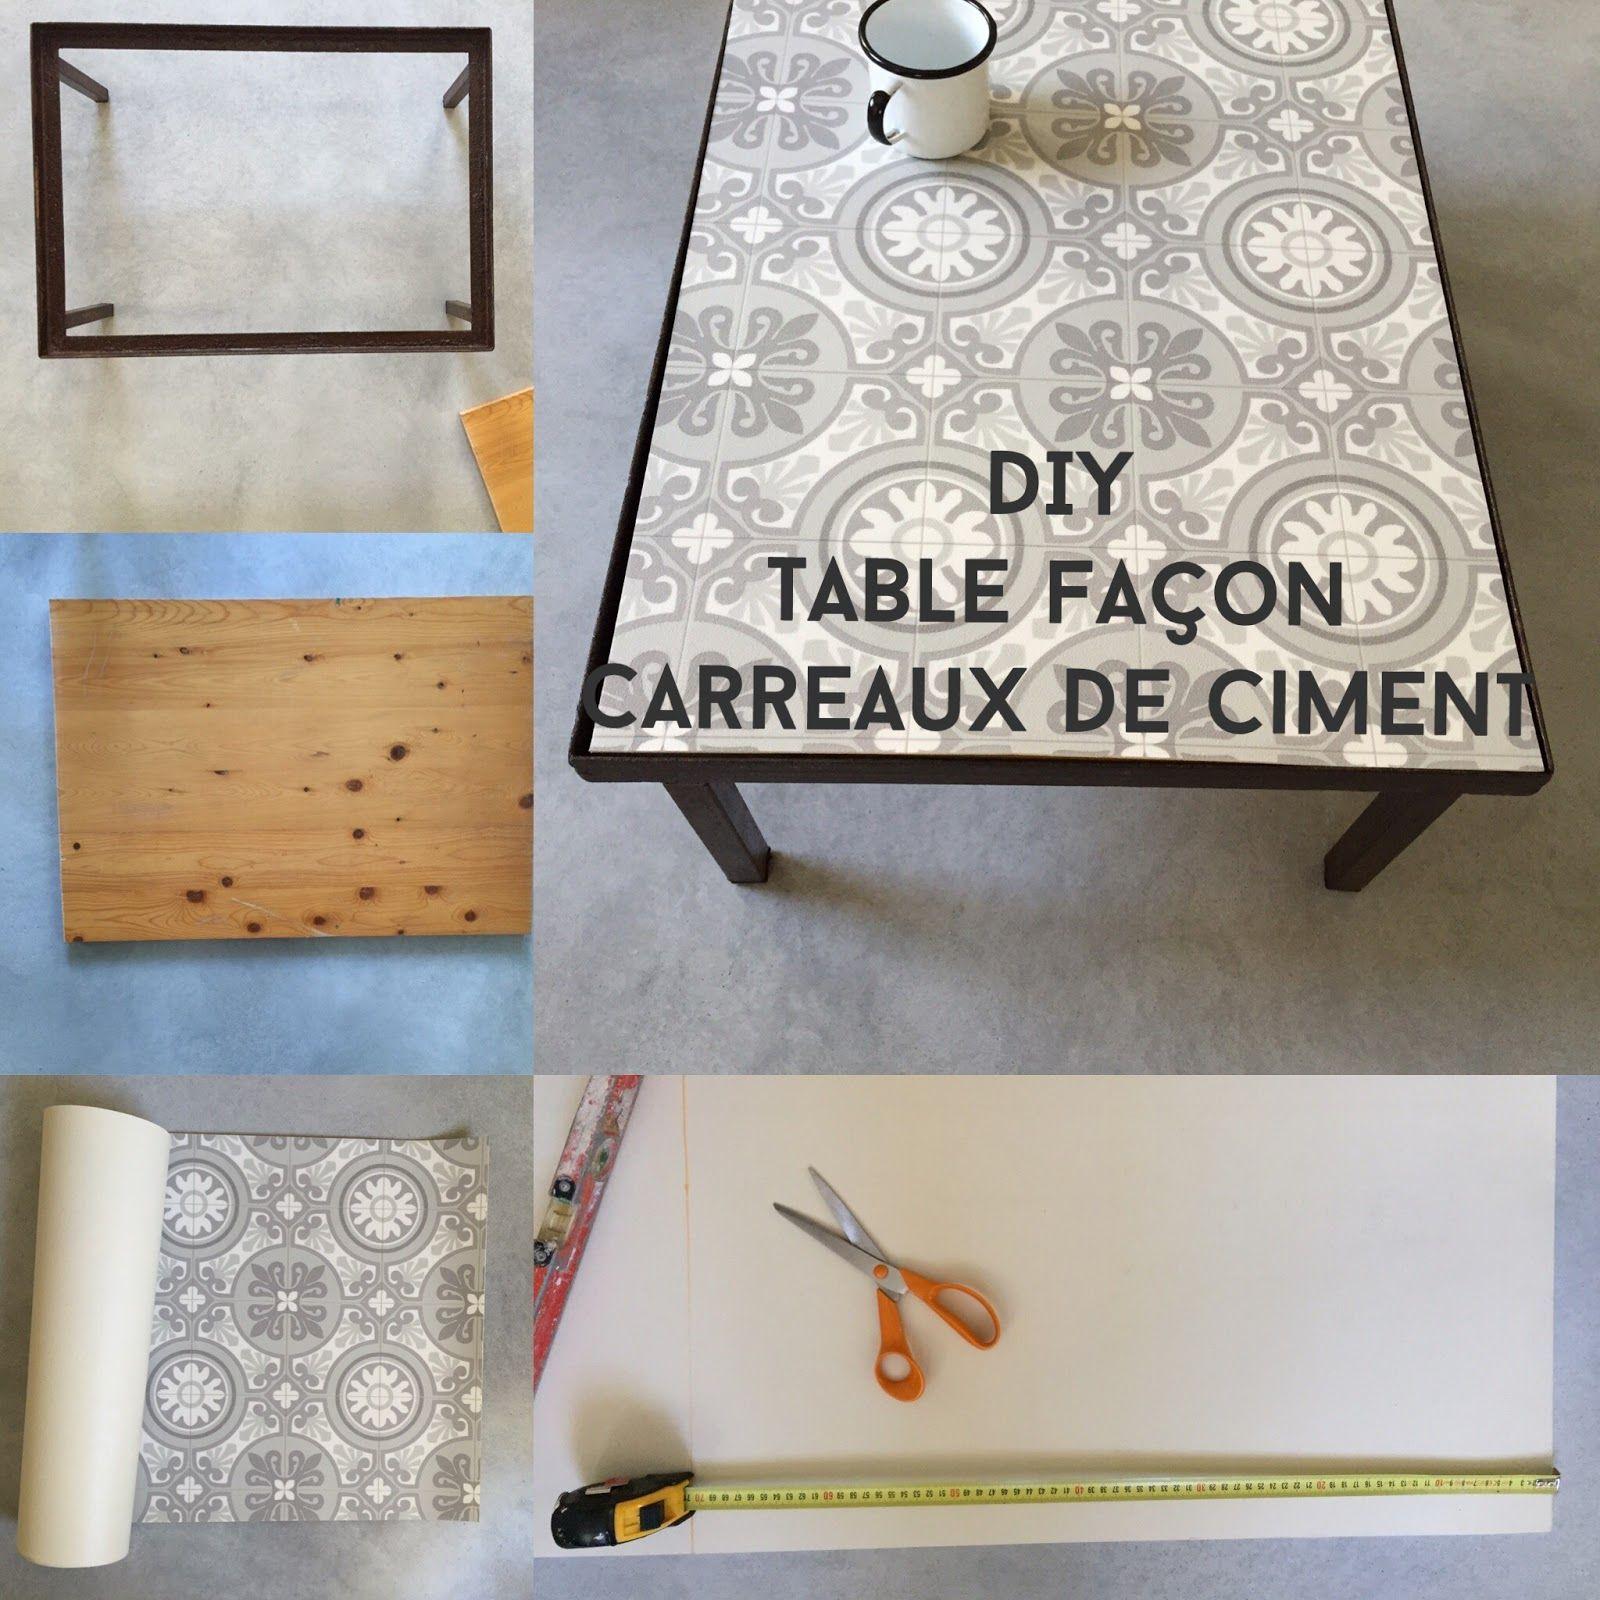 ma table basse fa on carreaux de ciment diy en 2019 d co rangements pinterest carreau. Black Bedroom Furniture Sets. Home Design Ideas